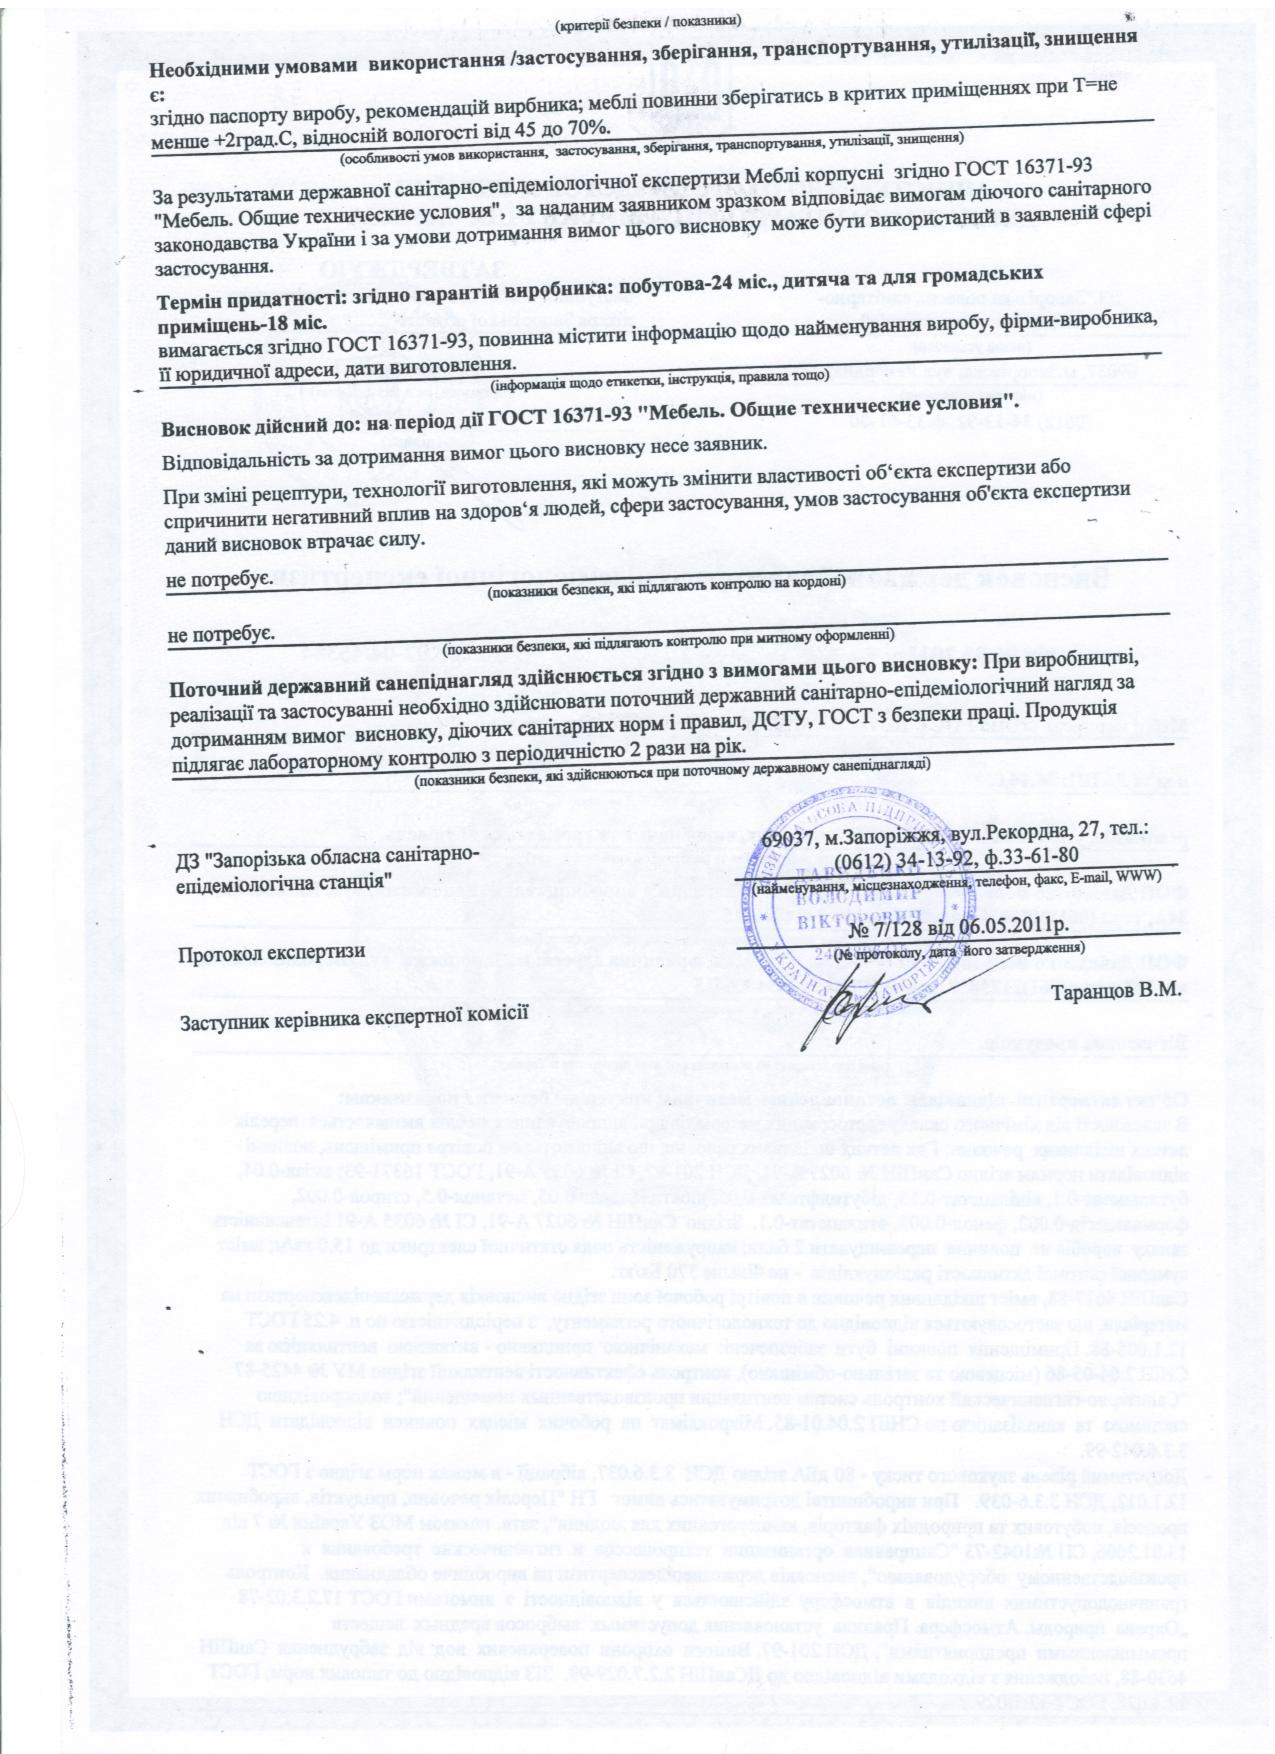 Дополнительное соглашение к Заключению санитарно-эпидемиологической экспертизы.